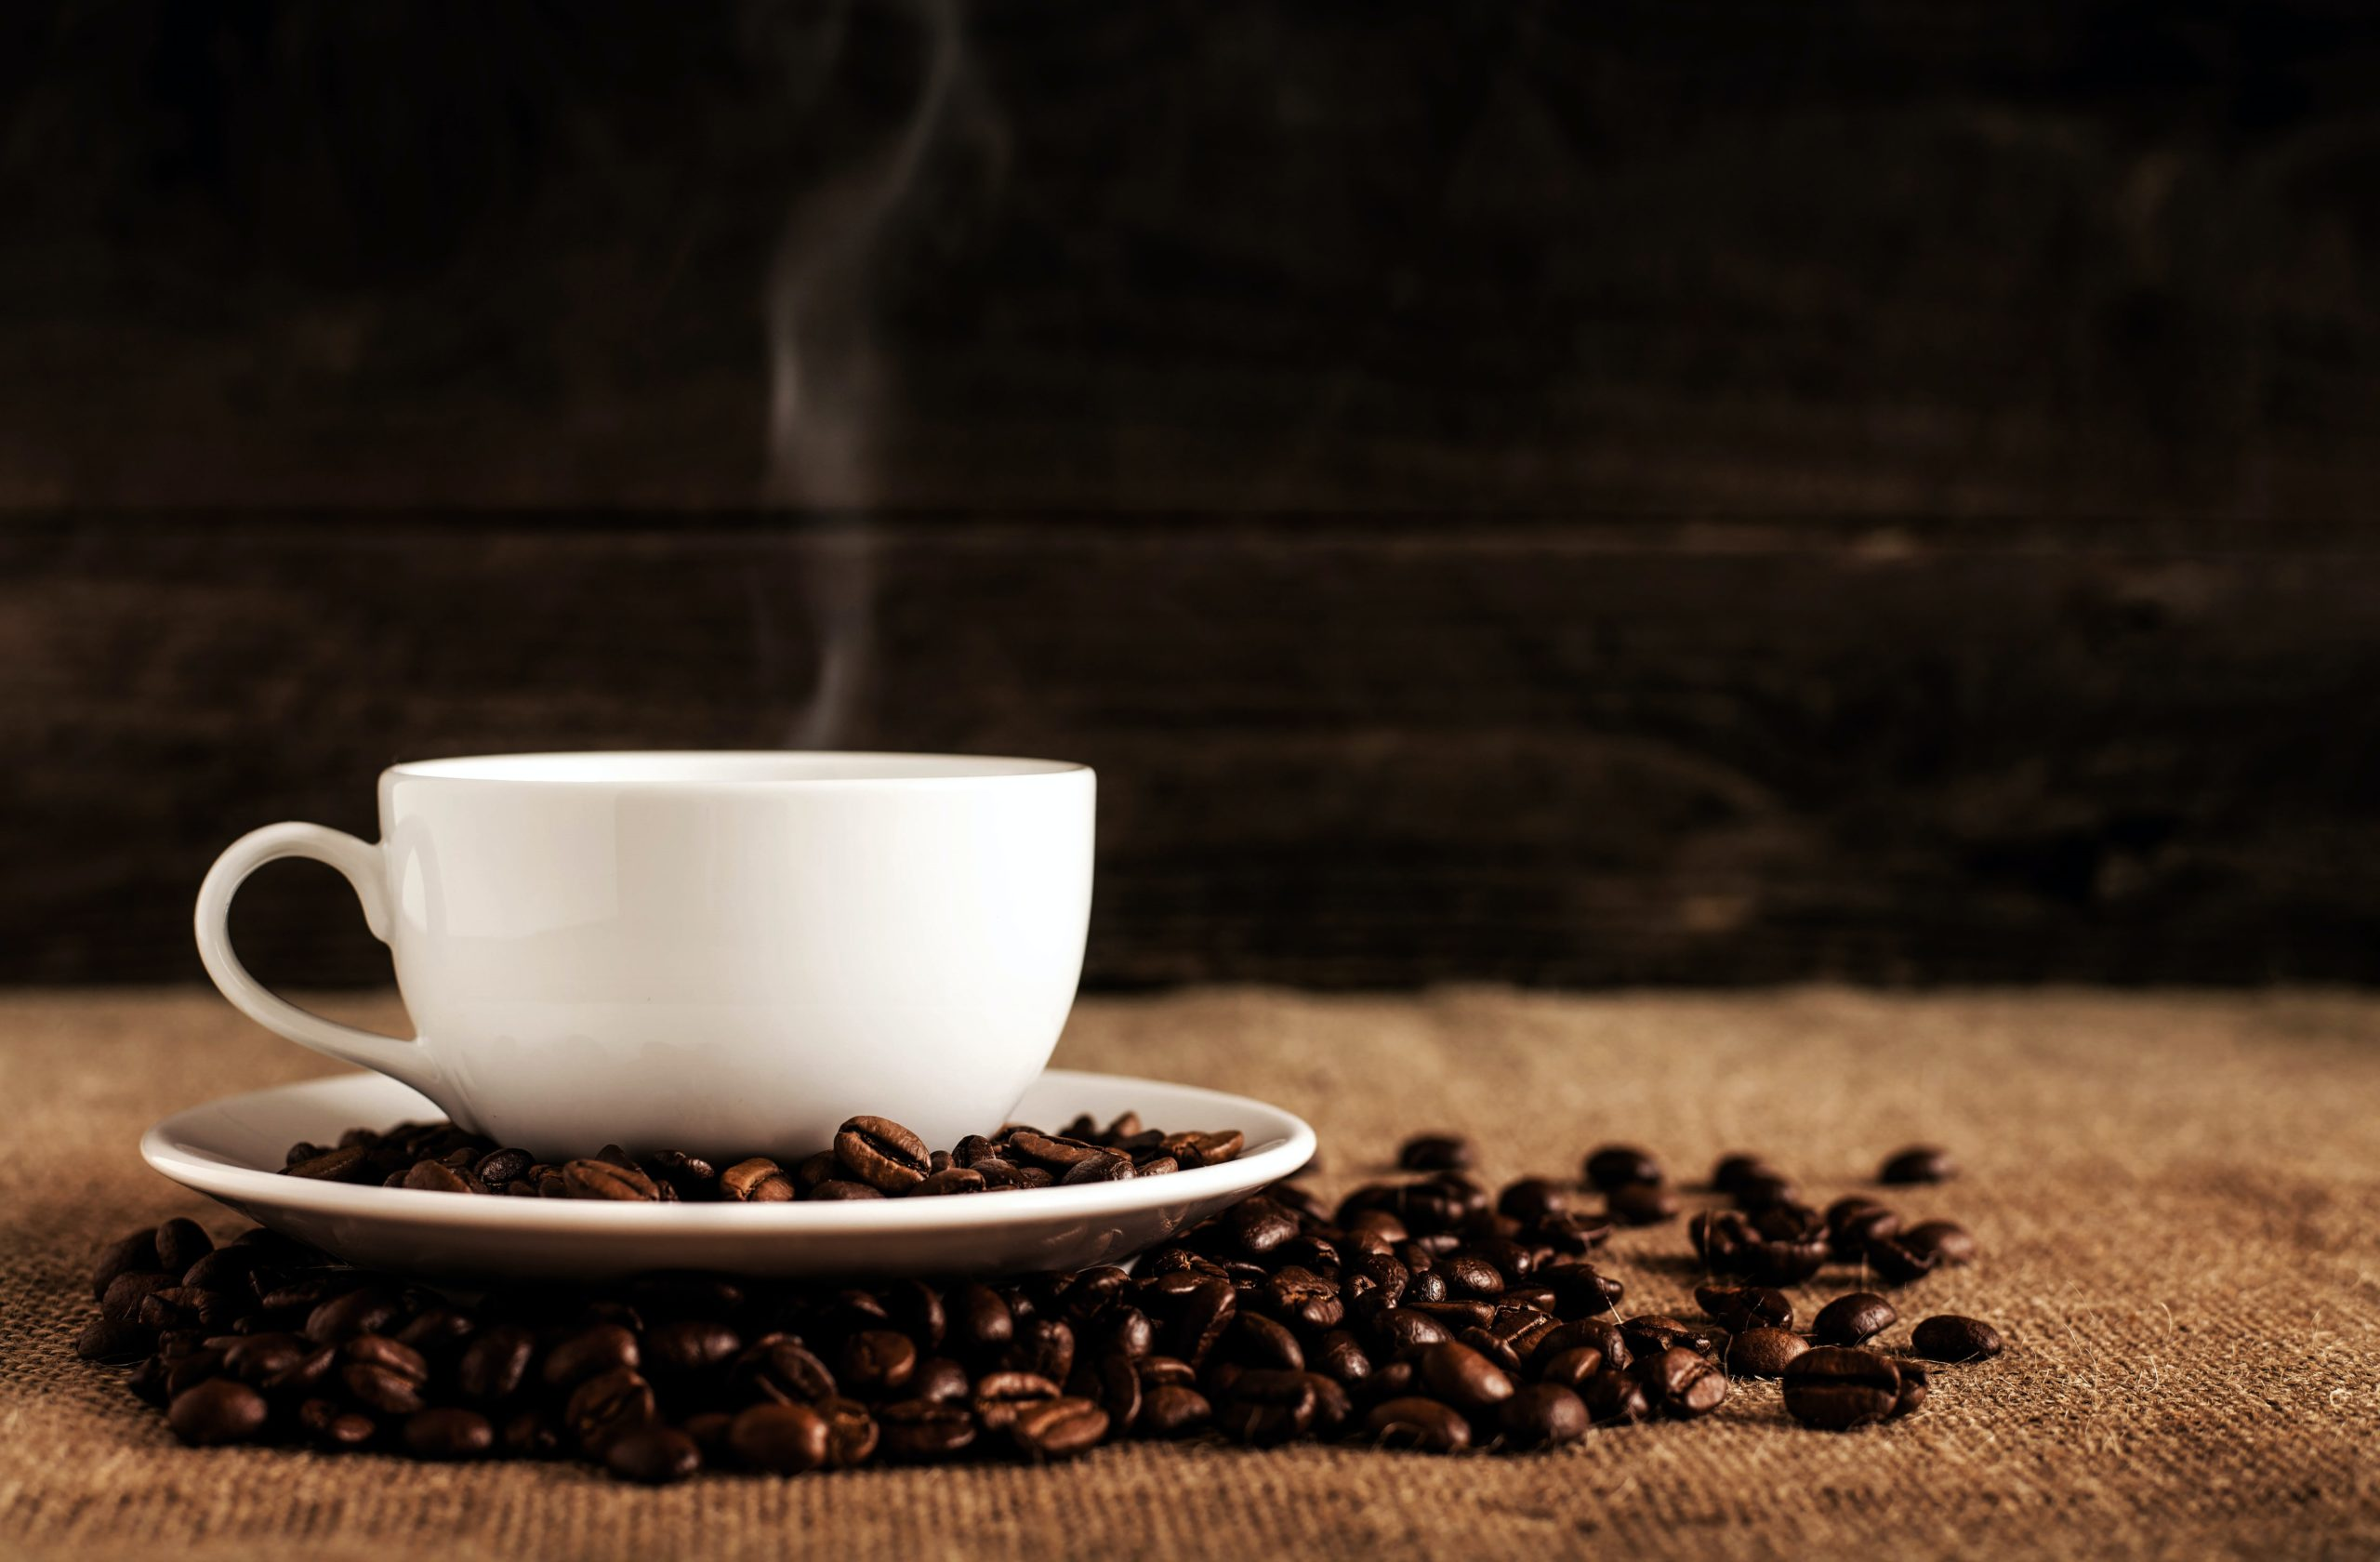 COFIL fuji(コフィル 富士)セラミックコーヒーフィルターが通販開始!口コミは?